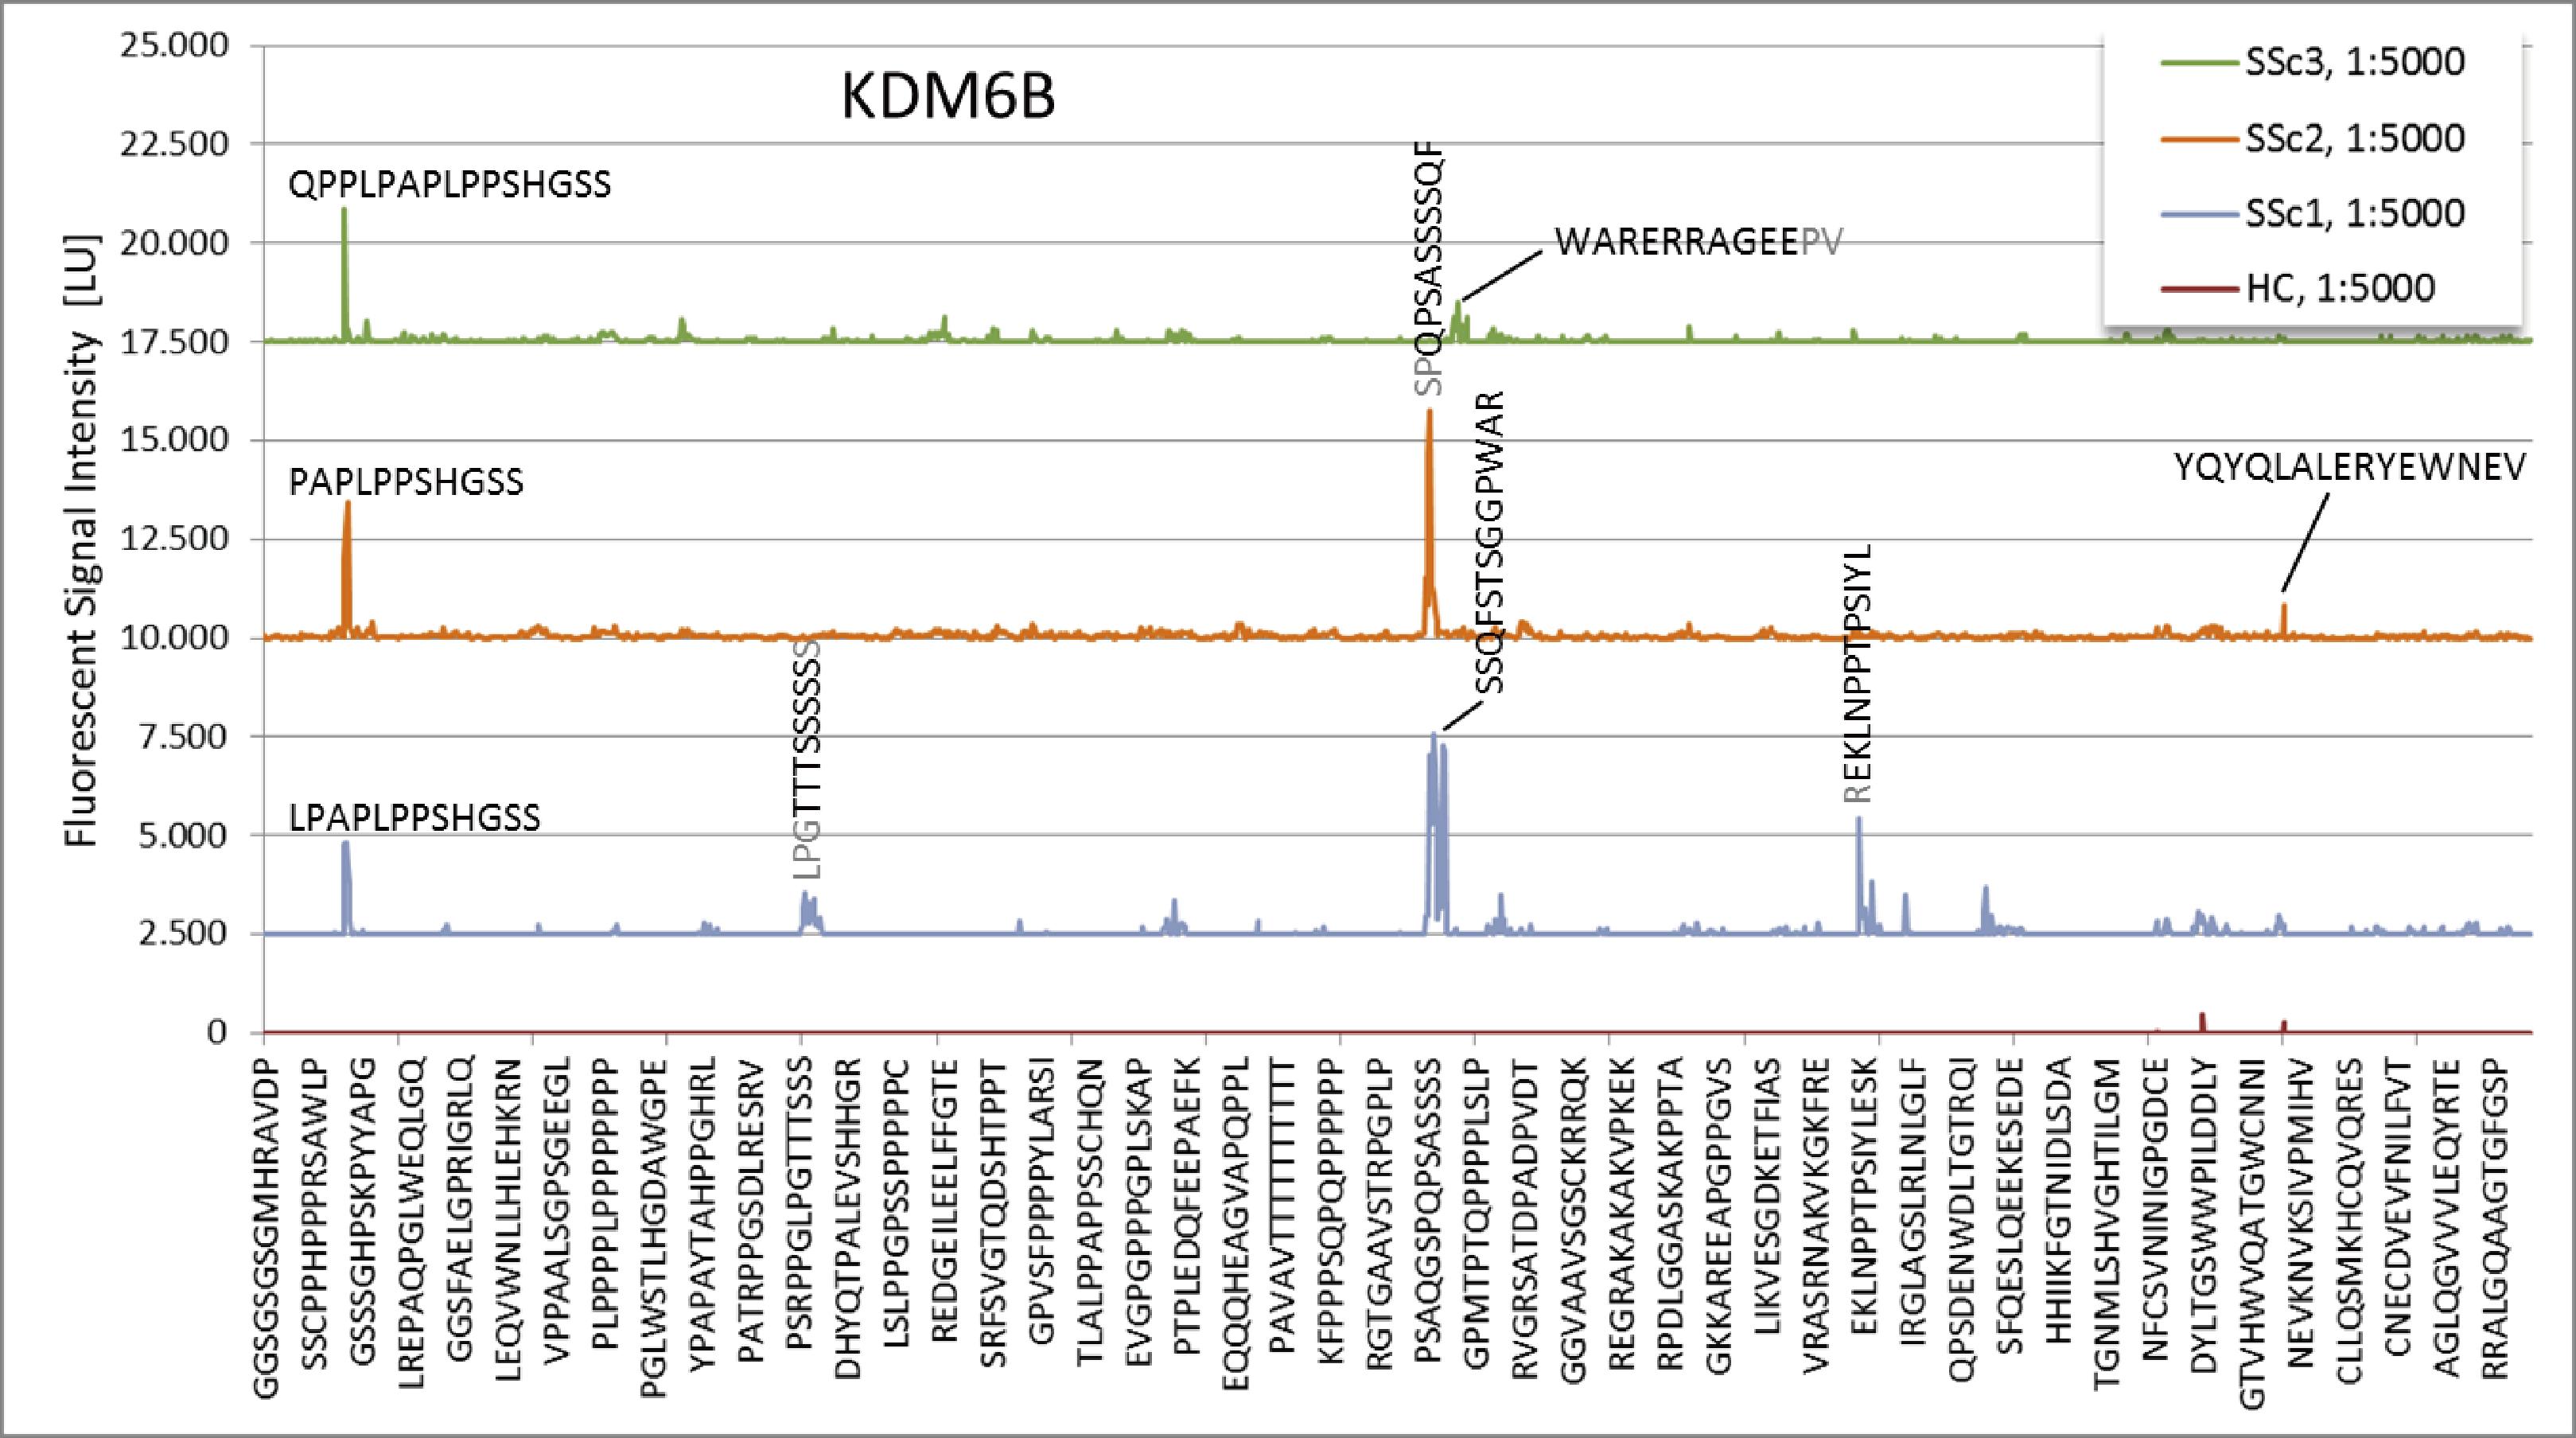 図3. KDM6Bペプチドの強度プロットの結果